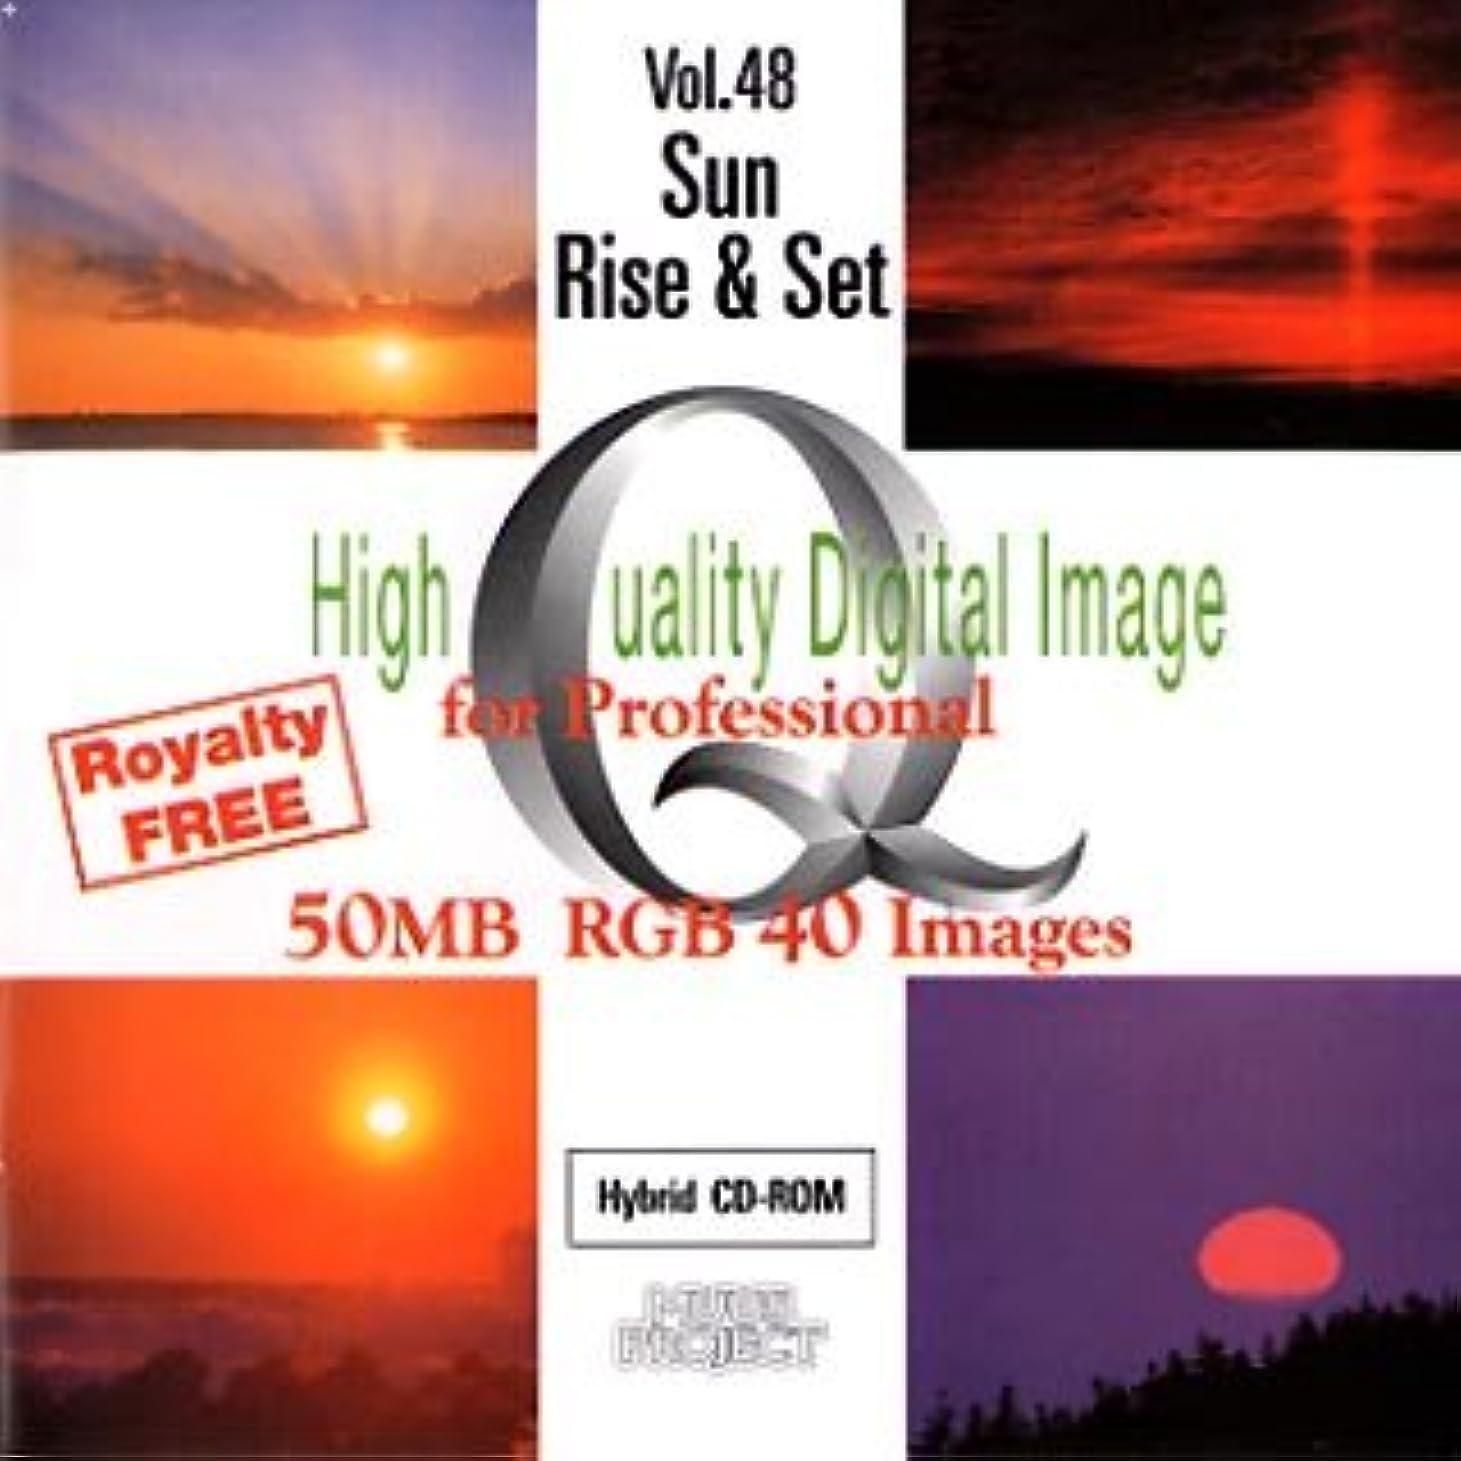 別れる引き金ロック解除High Quality Digital Image for Professional Vol.48 Sun Rise & Set